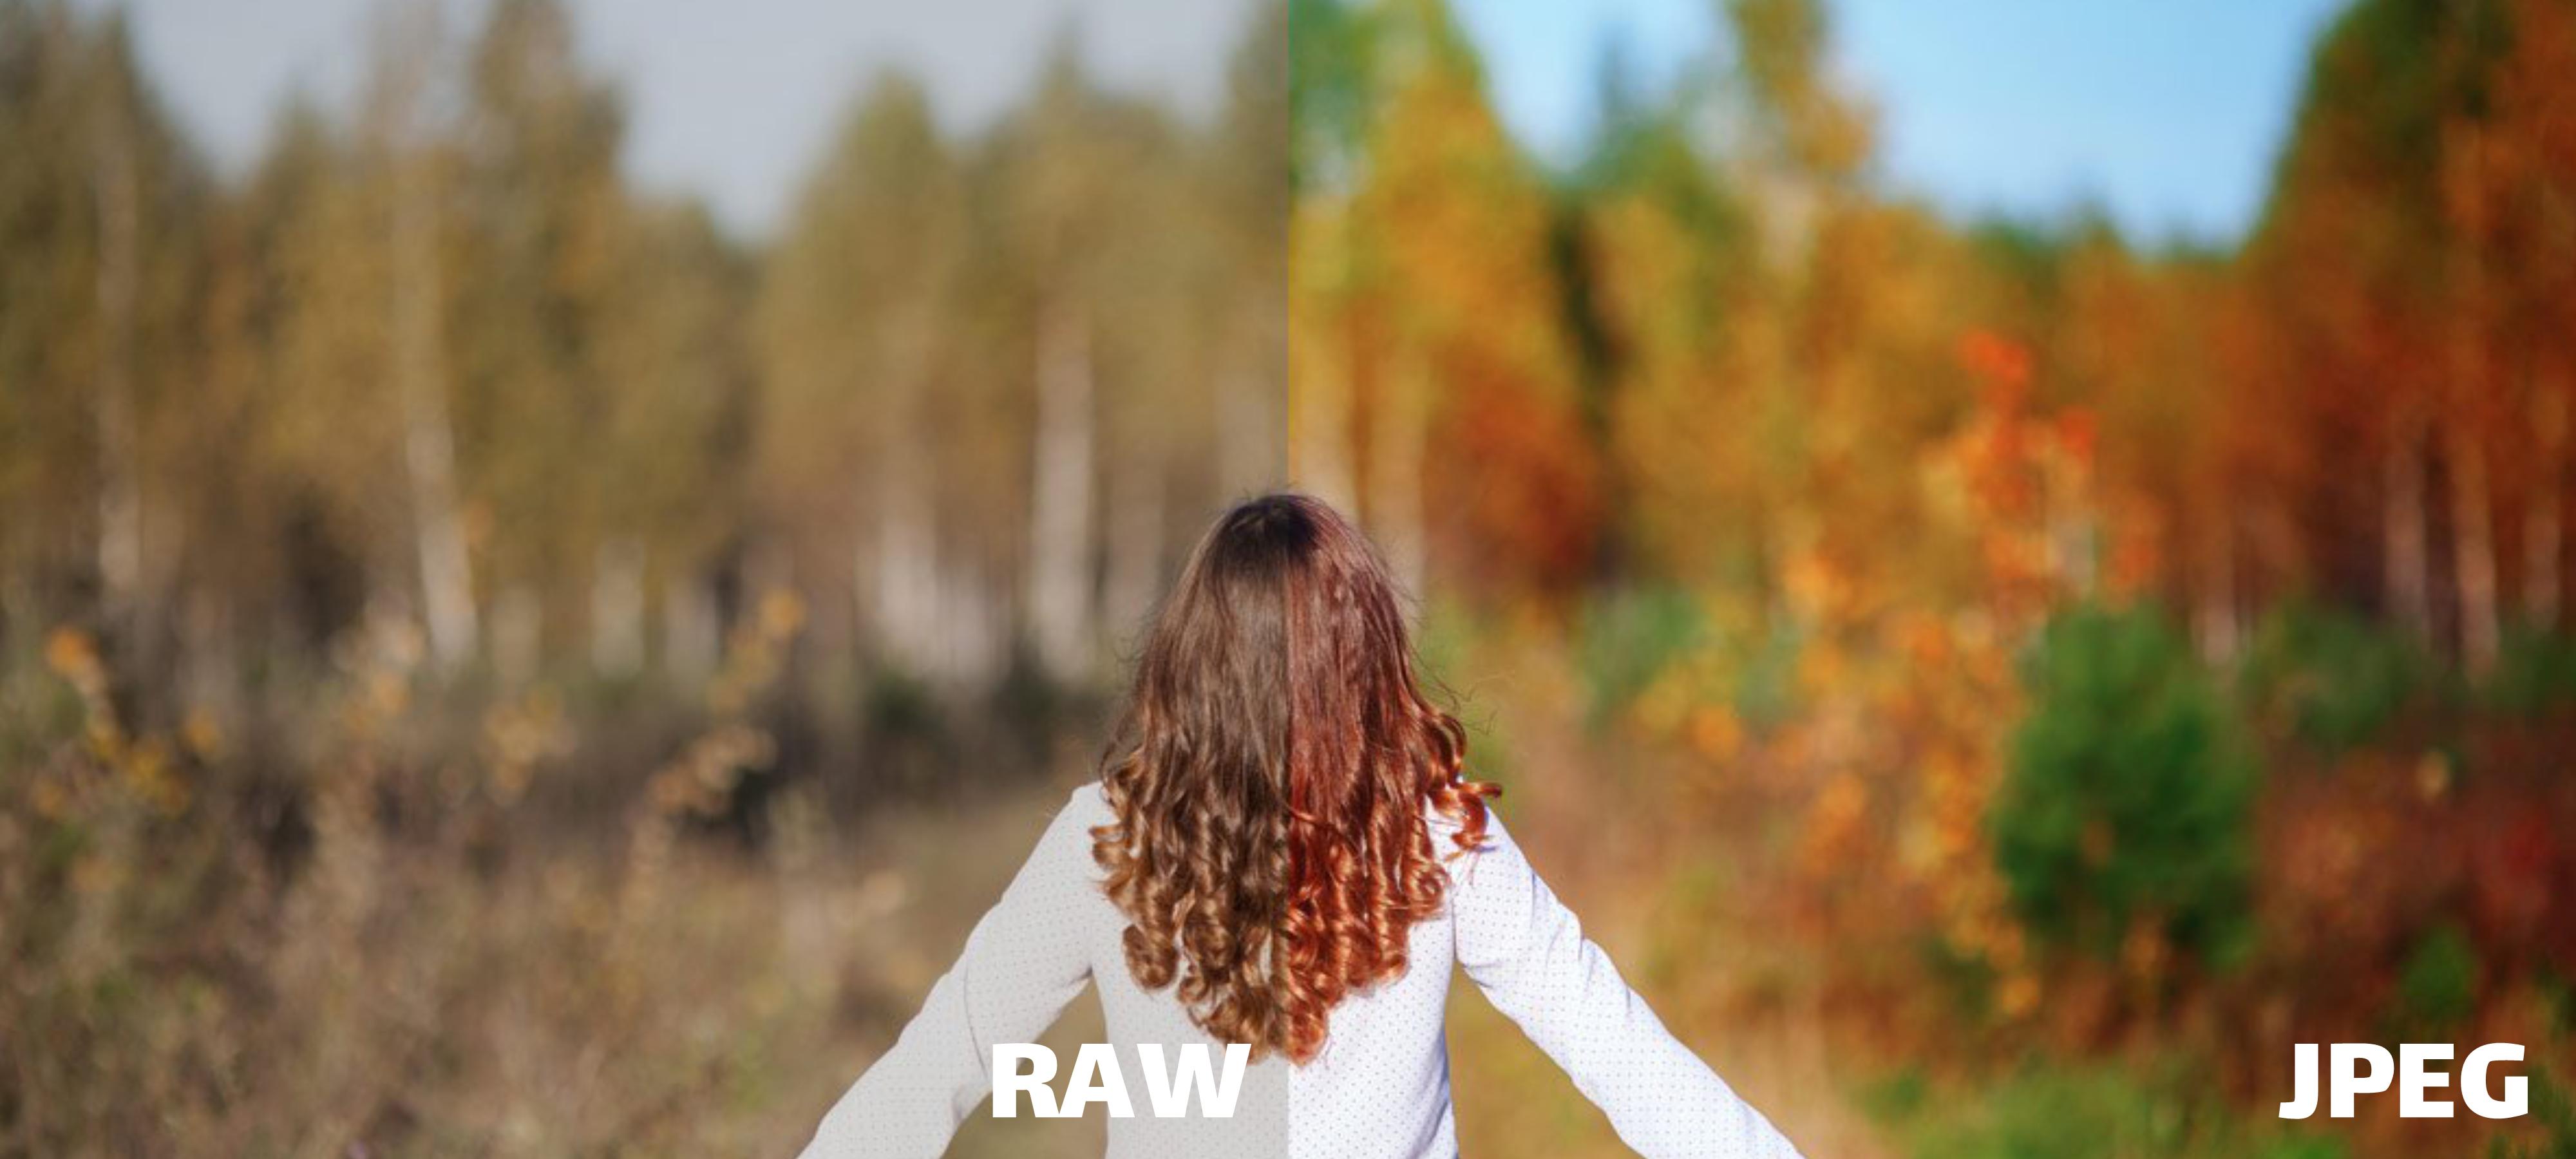 مقایسه بهترین فرمت عکسبرداری RAW vs JPG